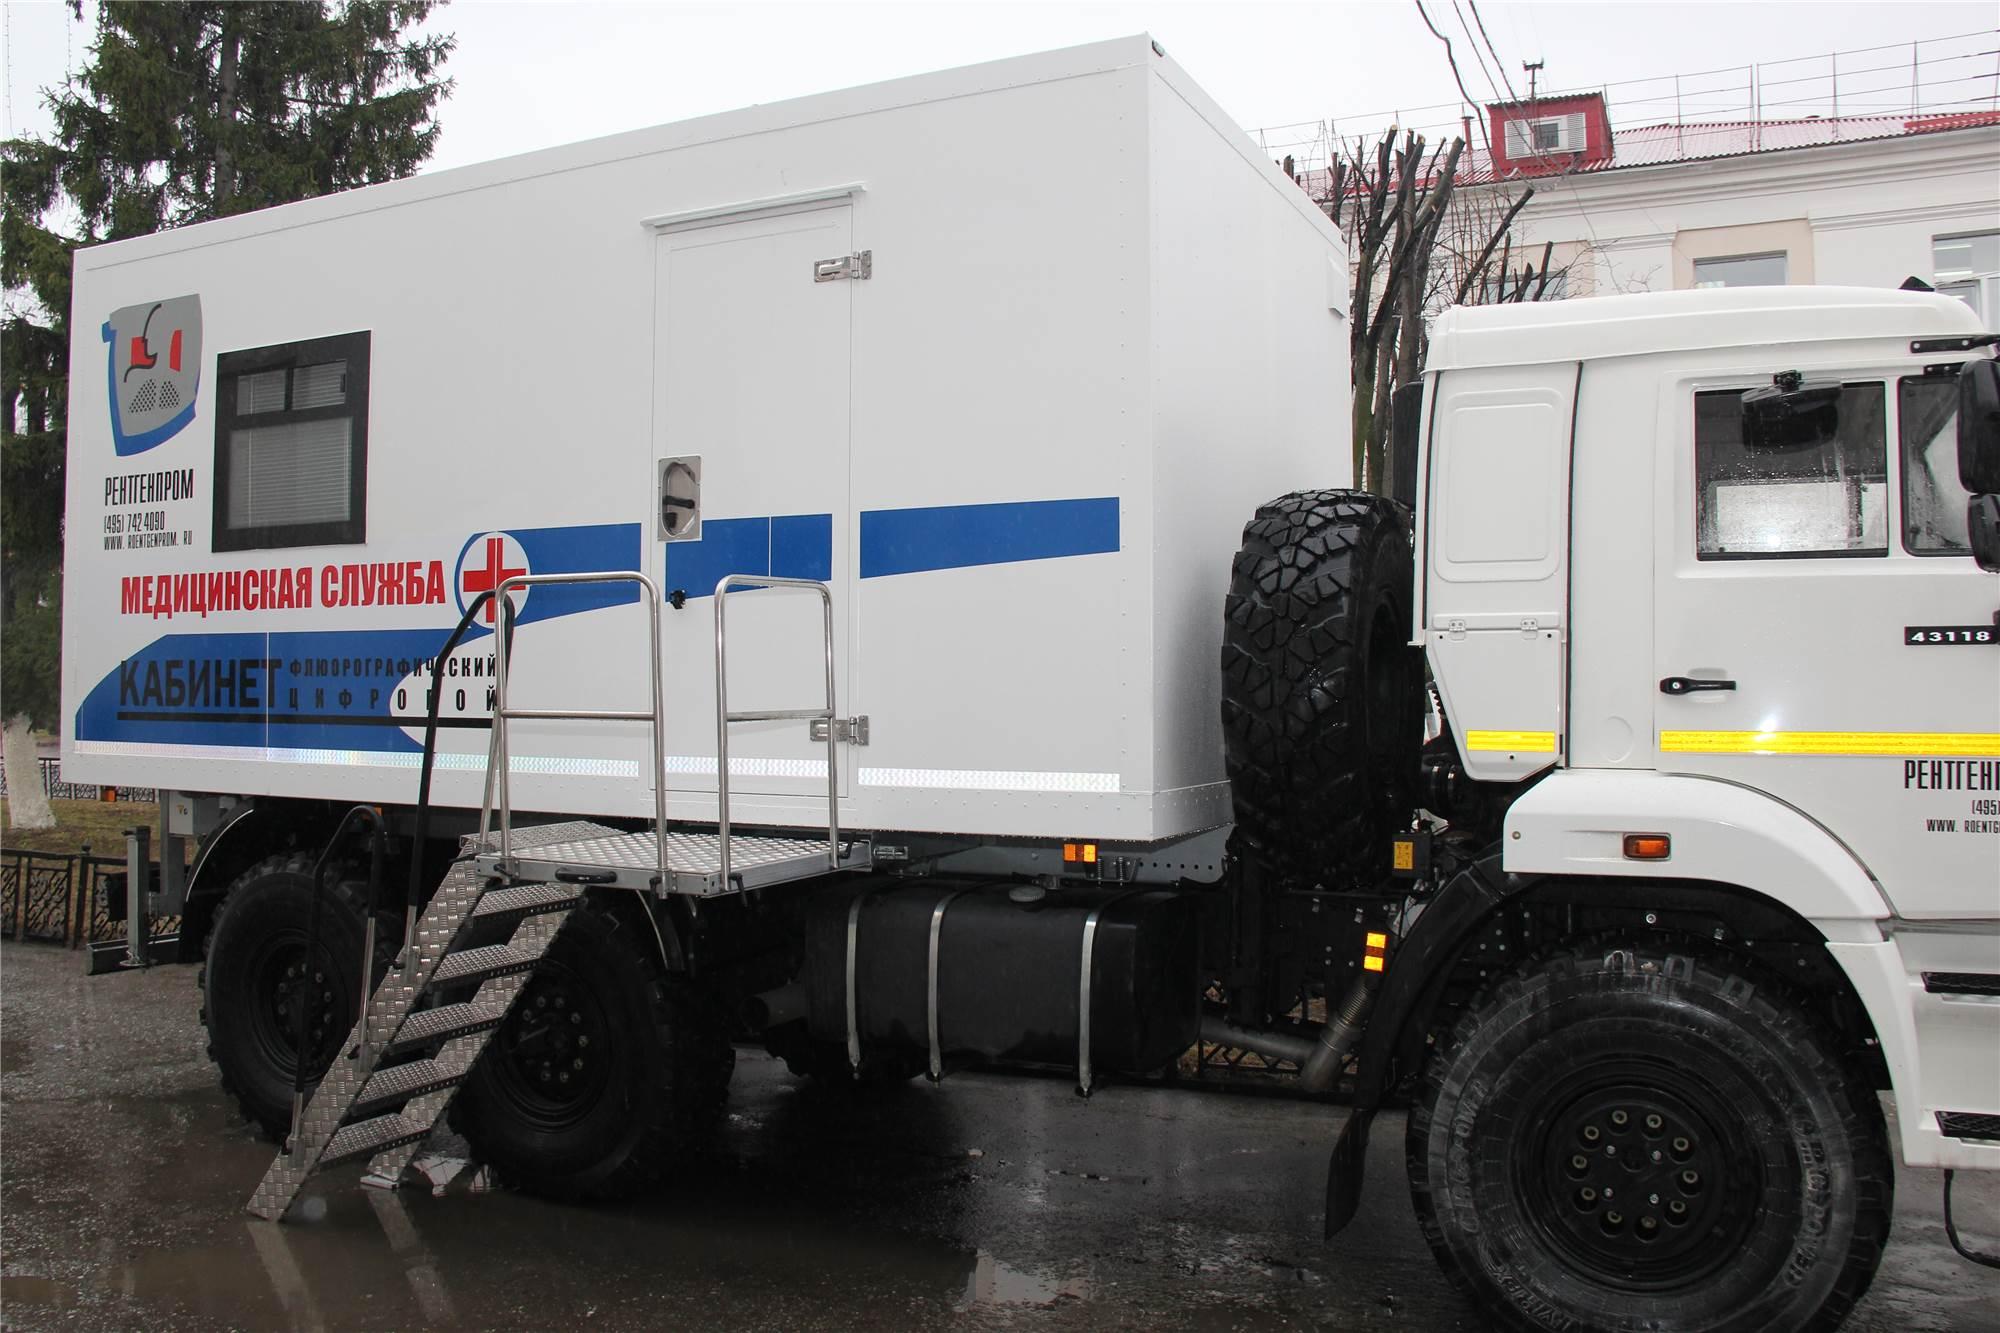 24 марта в Кирове будет работать передвижной флюорограф.